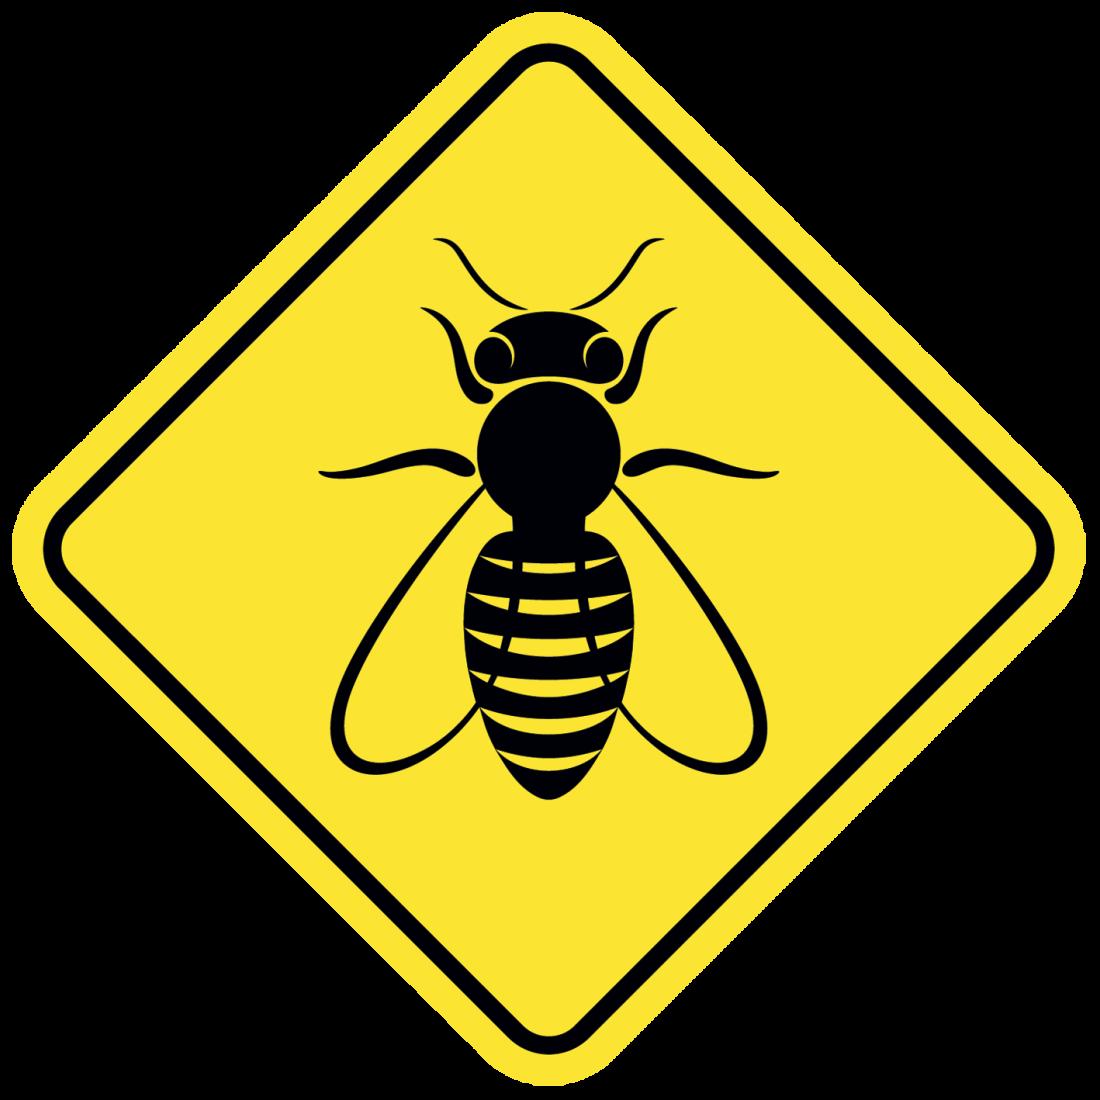 bee danger illustration